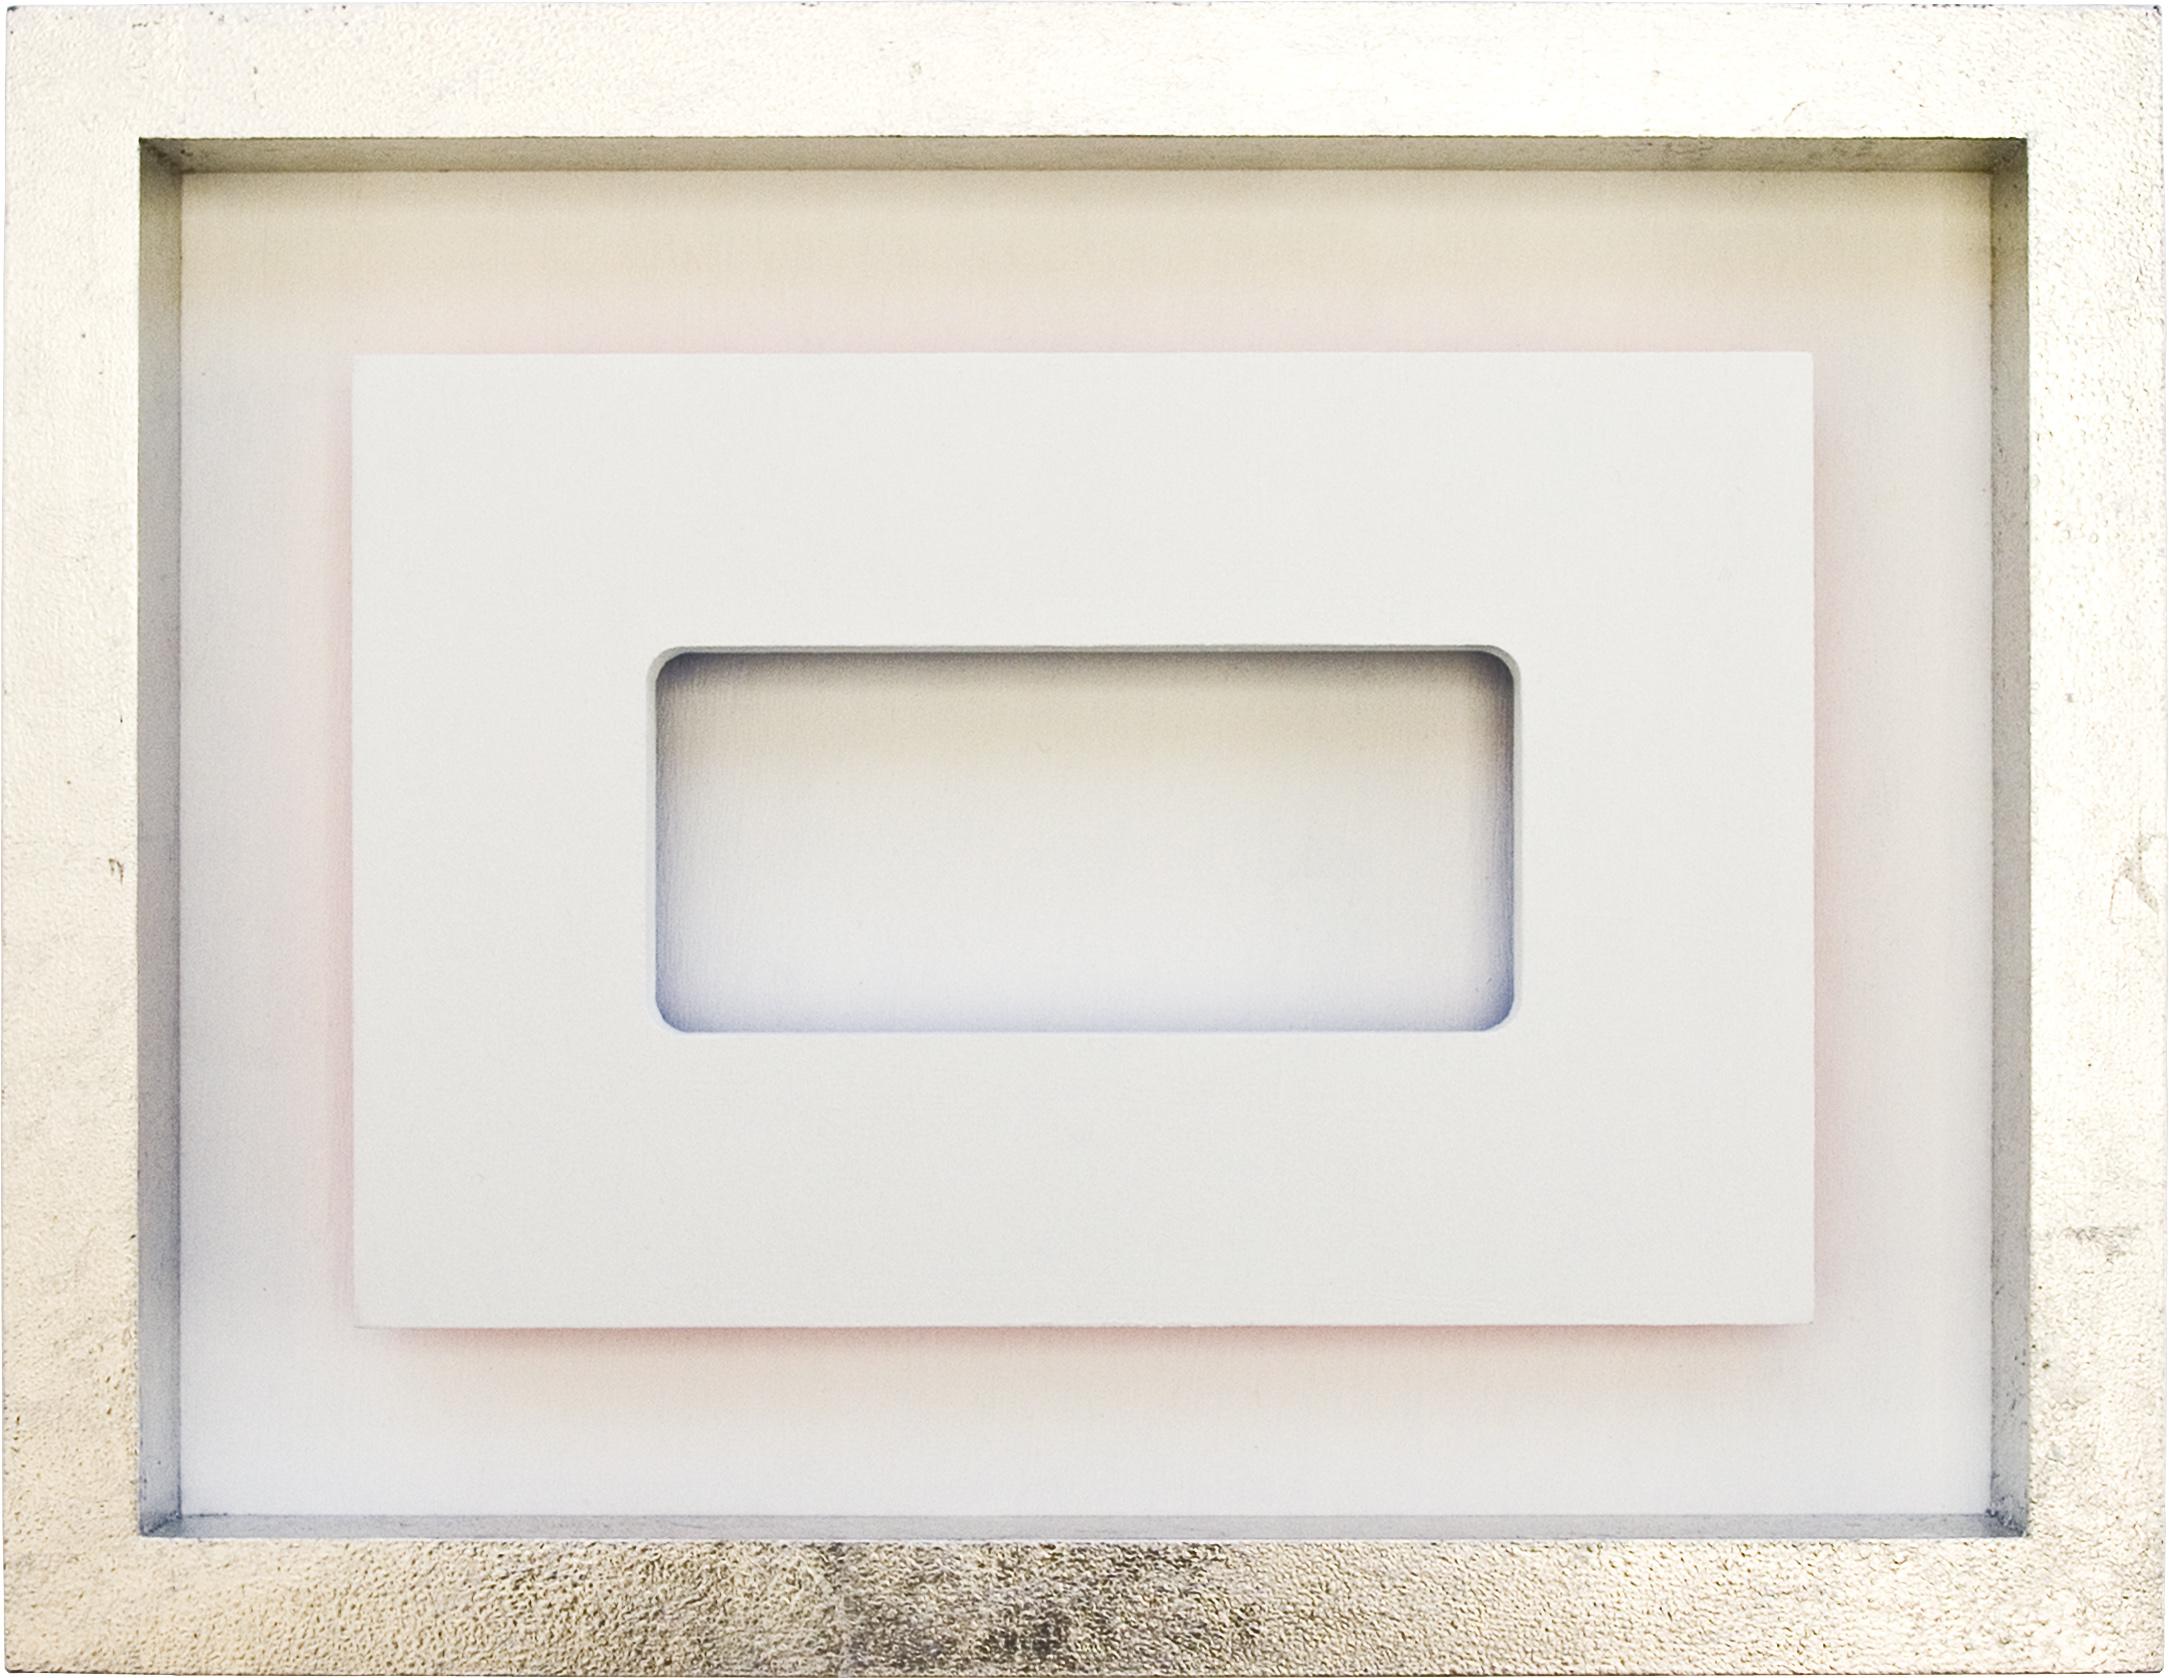 akril, les,34 x 44 cm, 2006